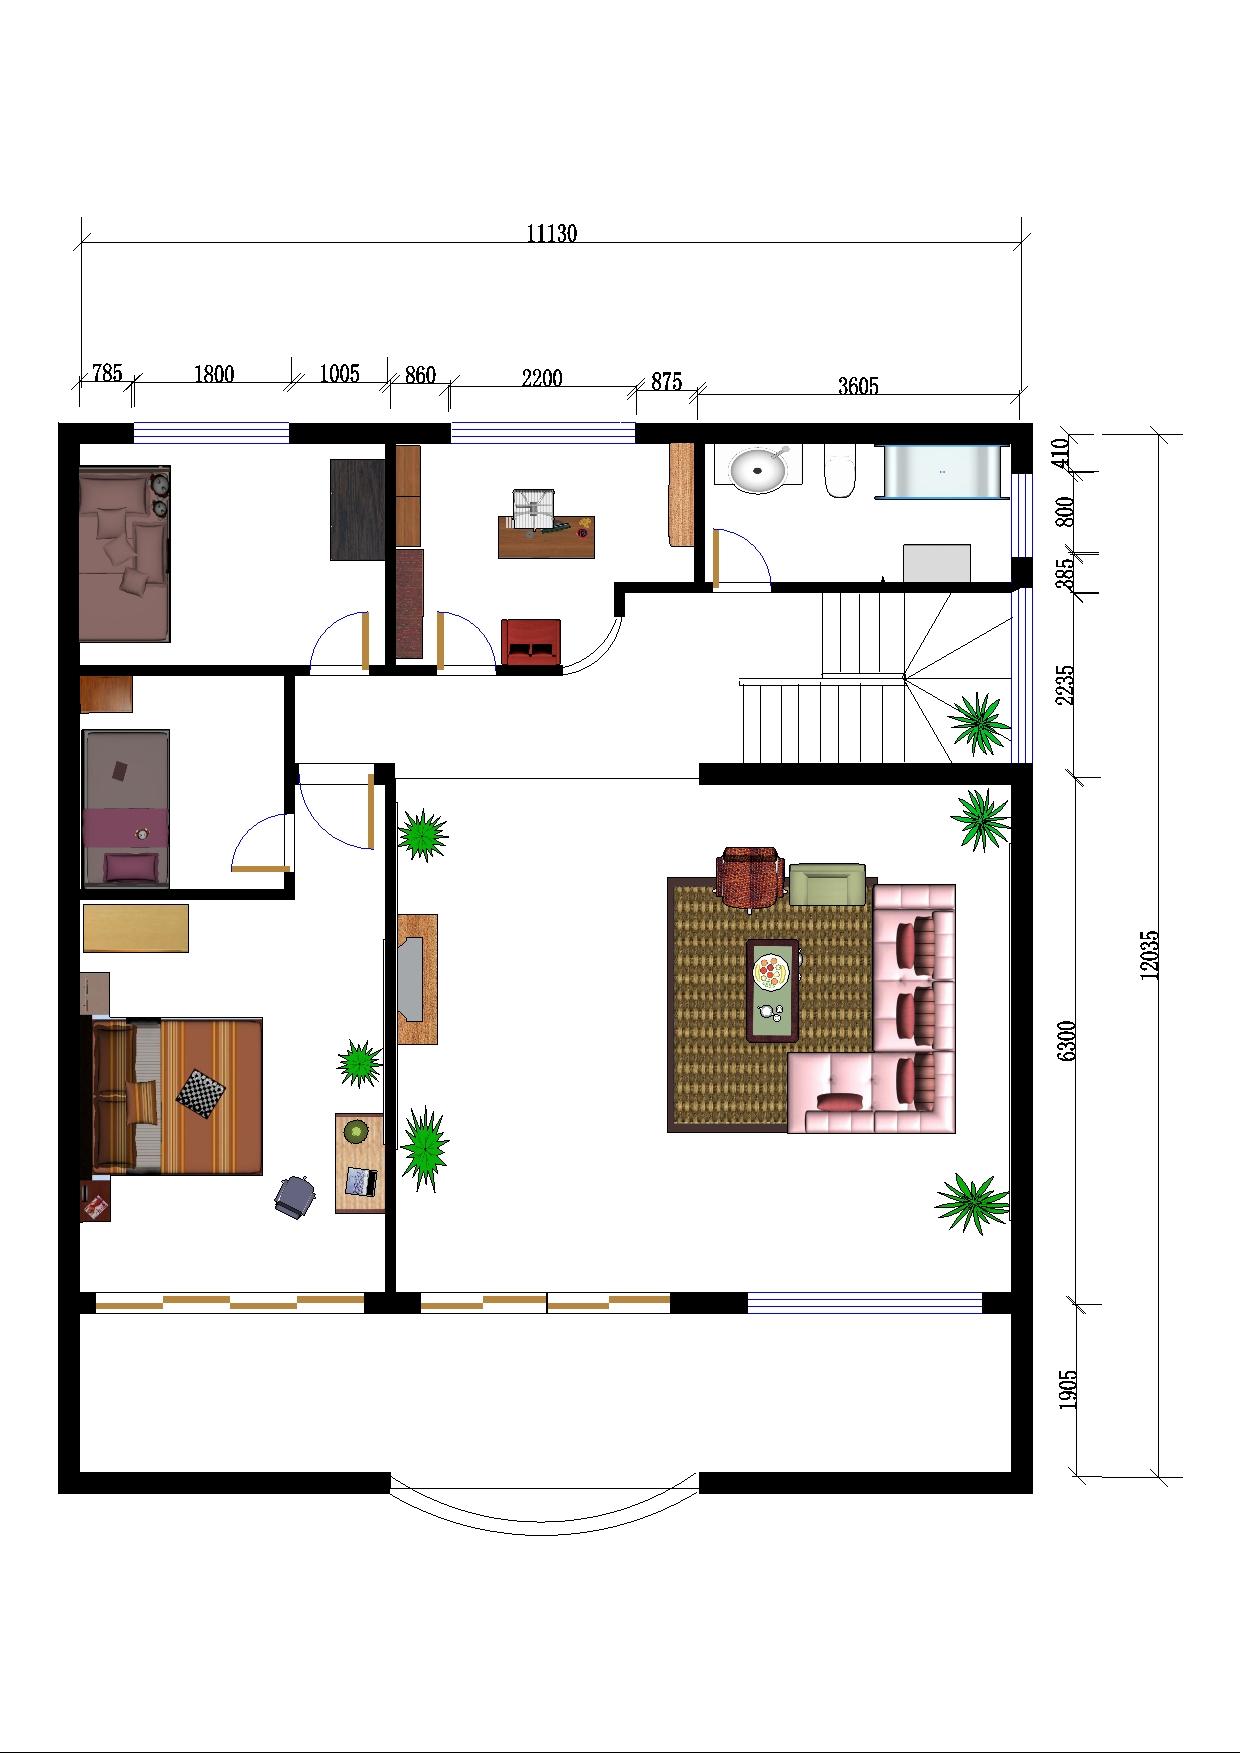 设计图/1.二楼平面图2.二楼总体装修三维立体图 3.三楼客厅三维立体图 4....